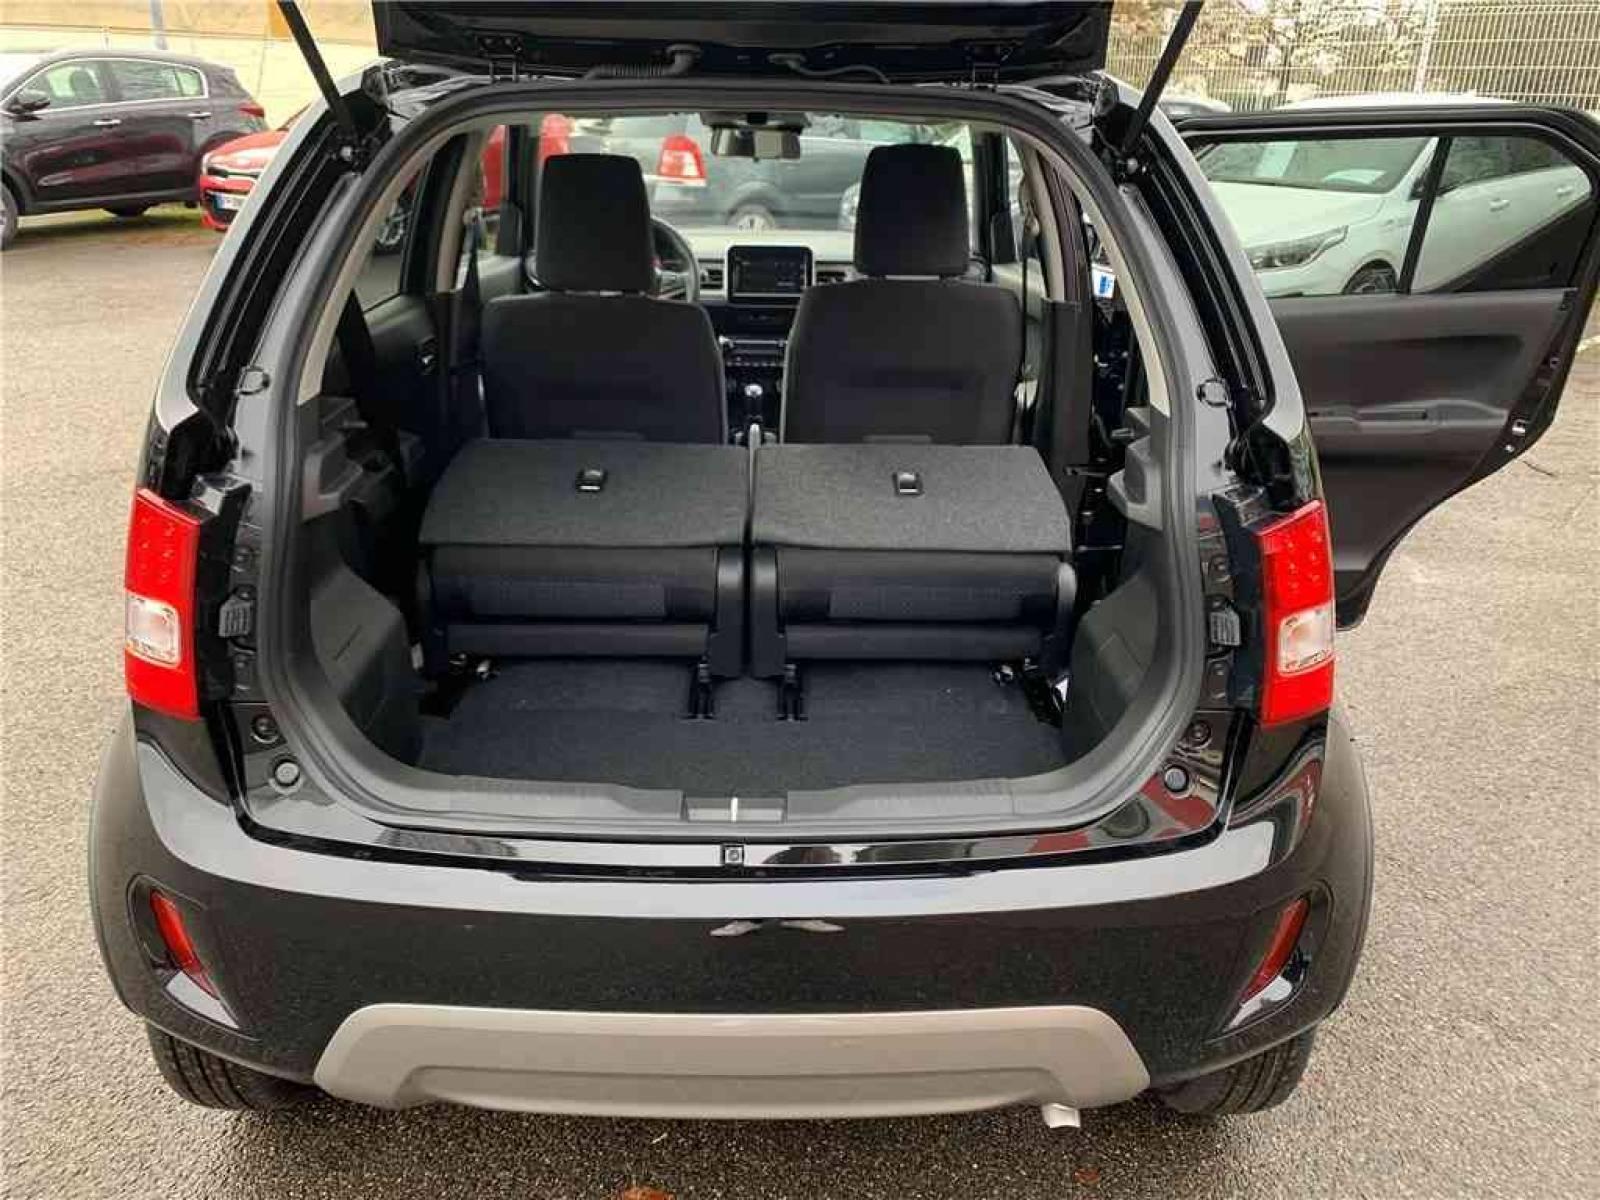 SUZUKI Ignis 1.2 Dualjet Hybrid - véhicule d'occasion - Groupe Guillet - Hall de l'automobile - Chalon sur Saône - 71380 - Saint-Marcel - 8